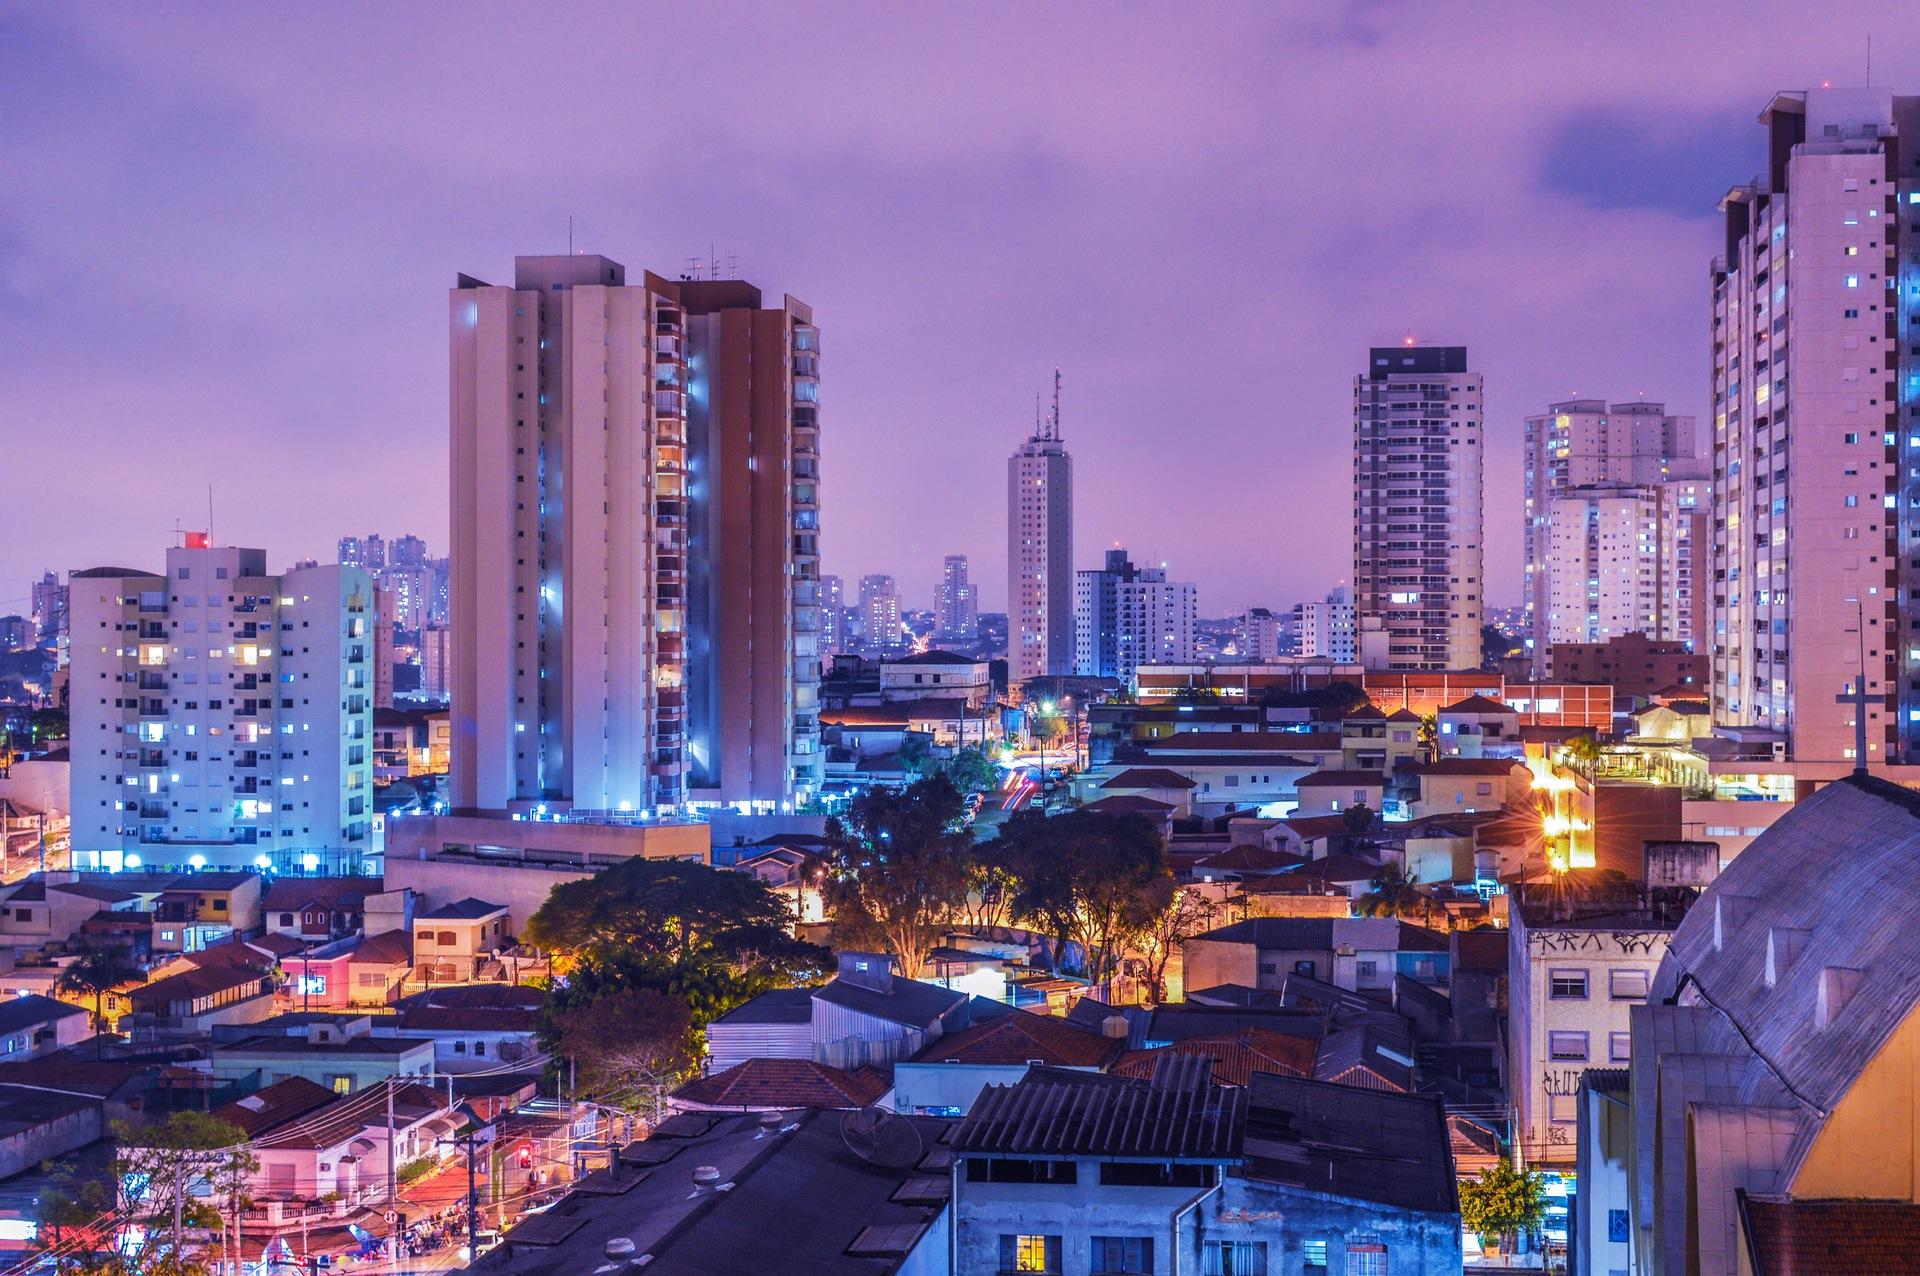 São Paulo (Brazil)